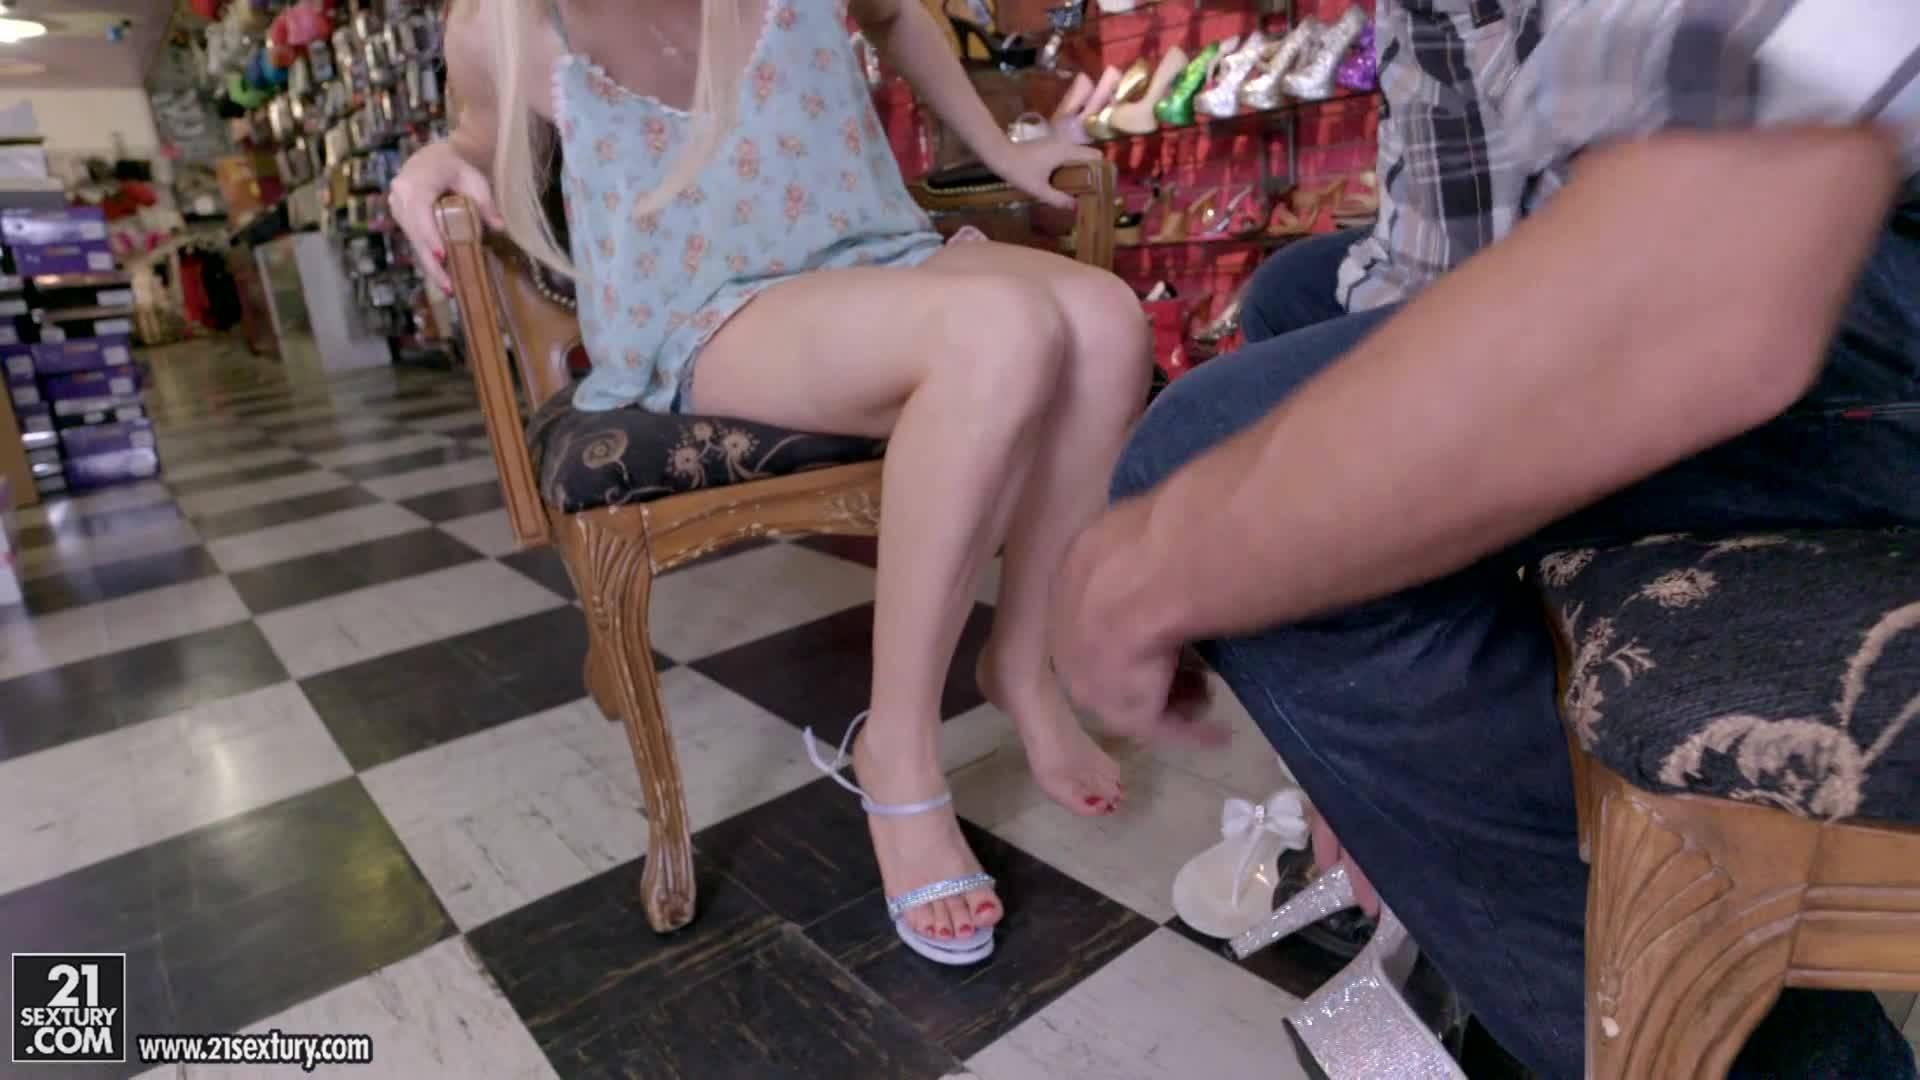 Парочка настолько похотлива, что трахается даже в магазине обуви